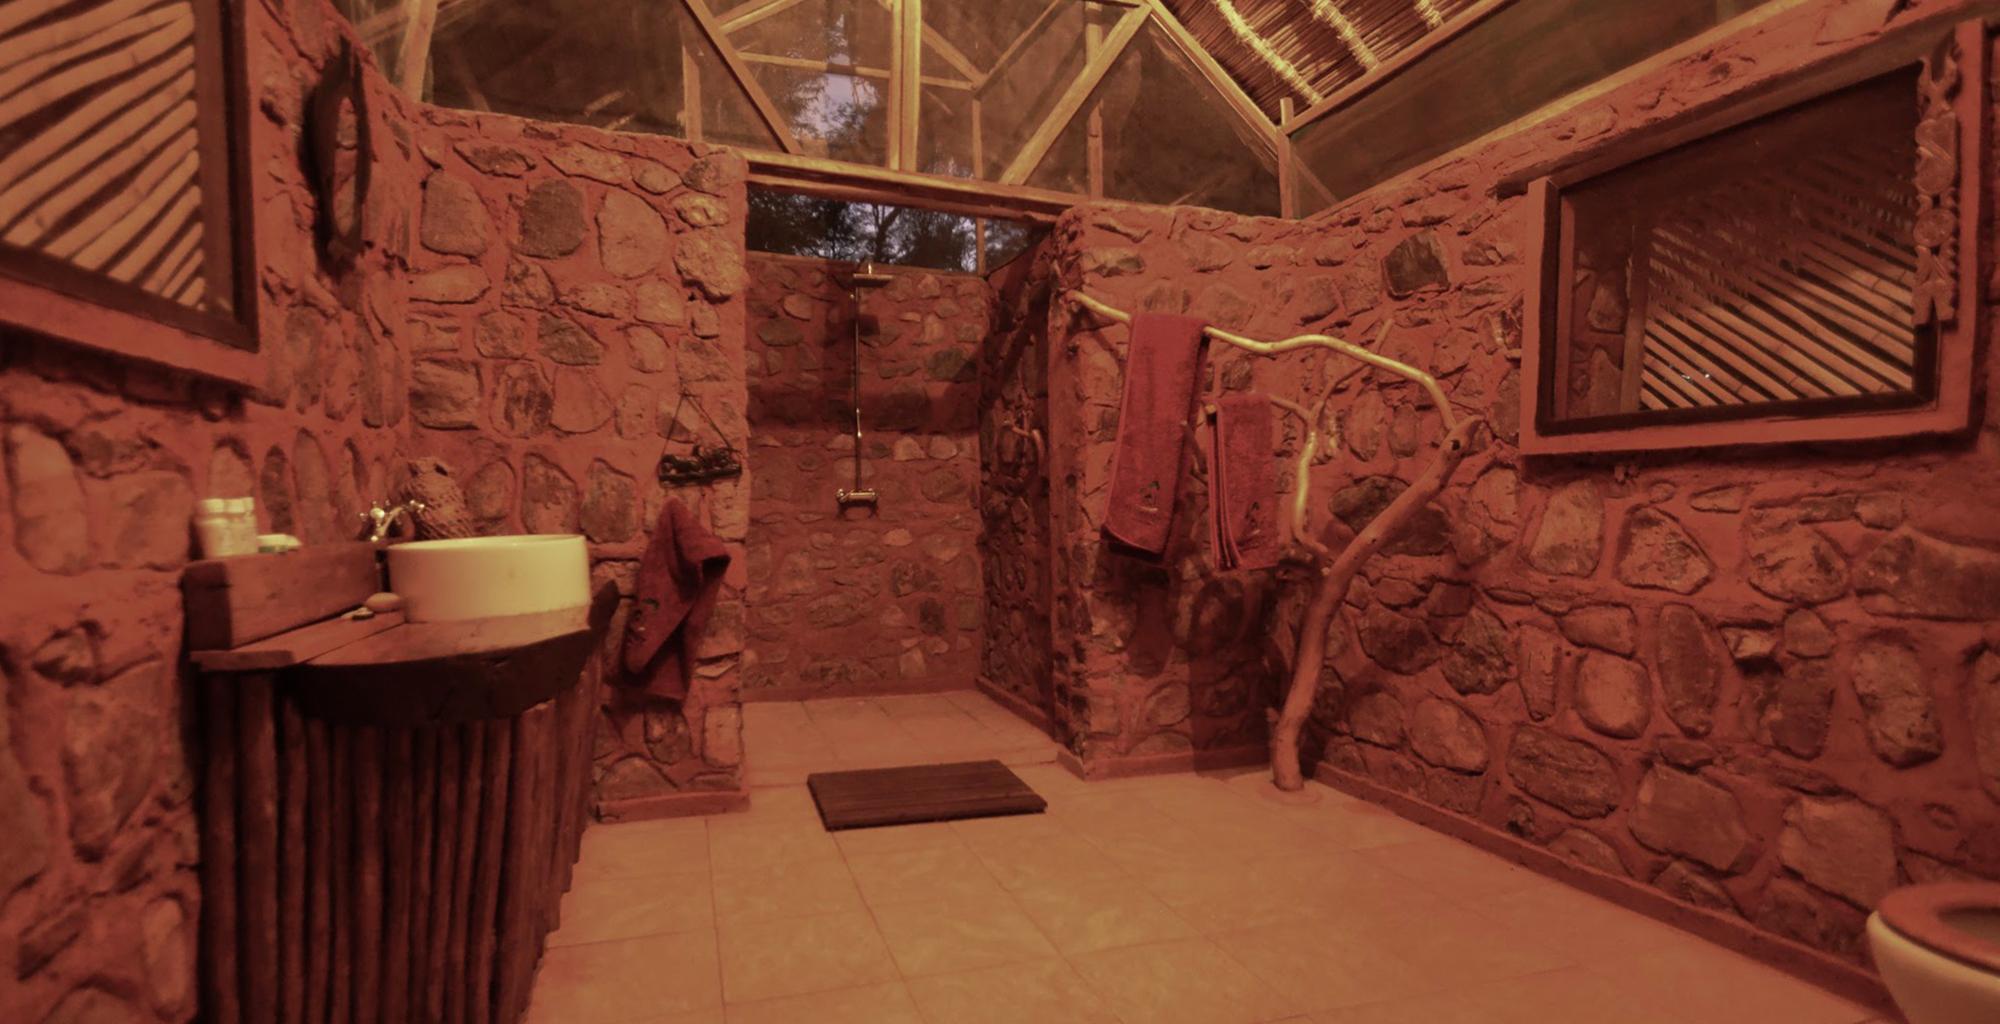 Madagascar-Mandrare-River-Camp-Bathroom